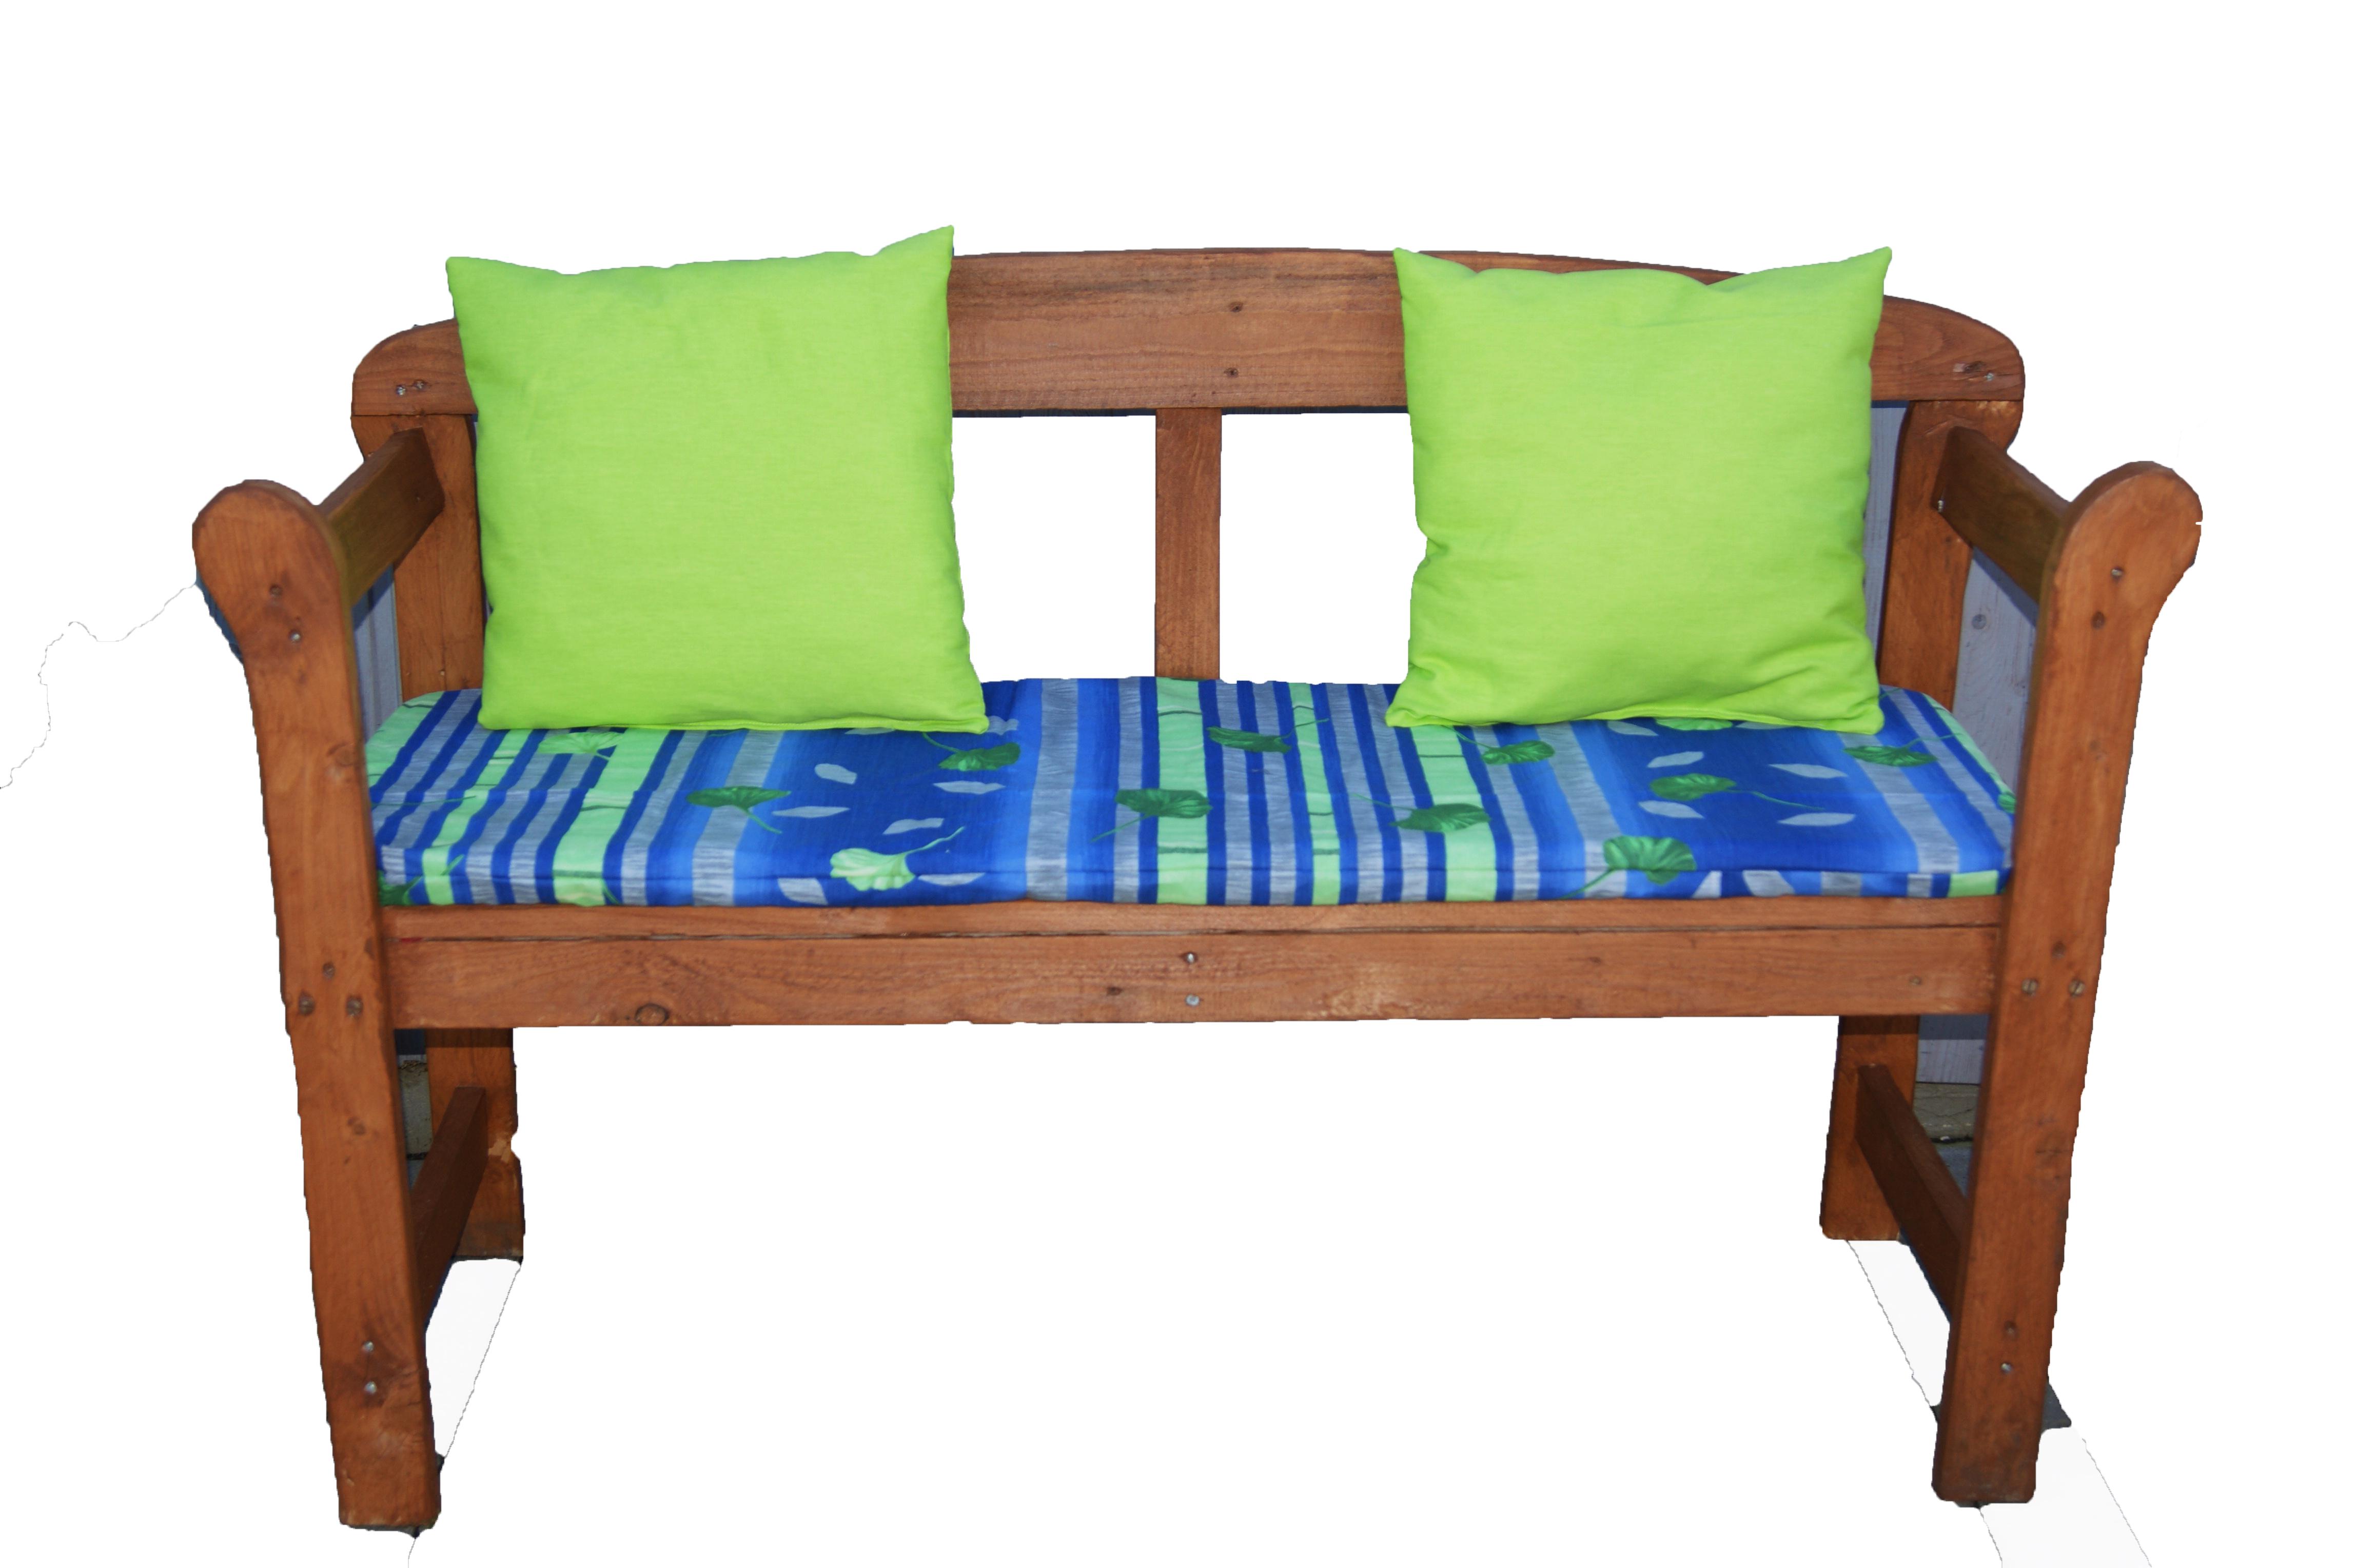 auflagenset bankauflage sabine 3 teilig f r bank. Black Bedroom Furniture Sets. Home Design Ideas